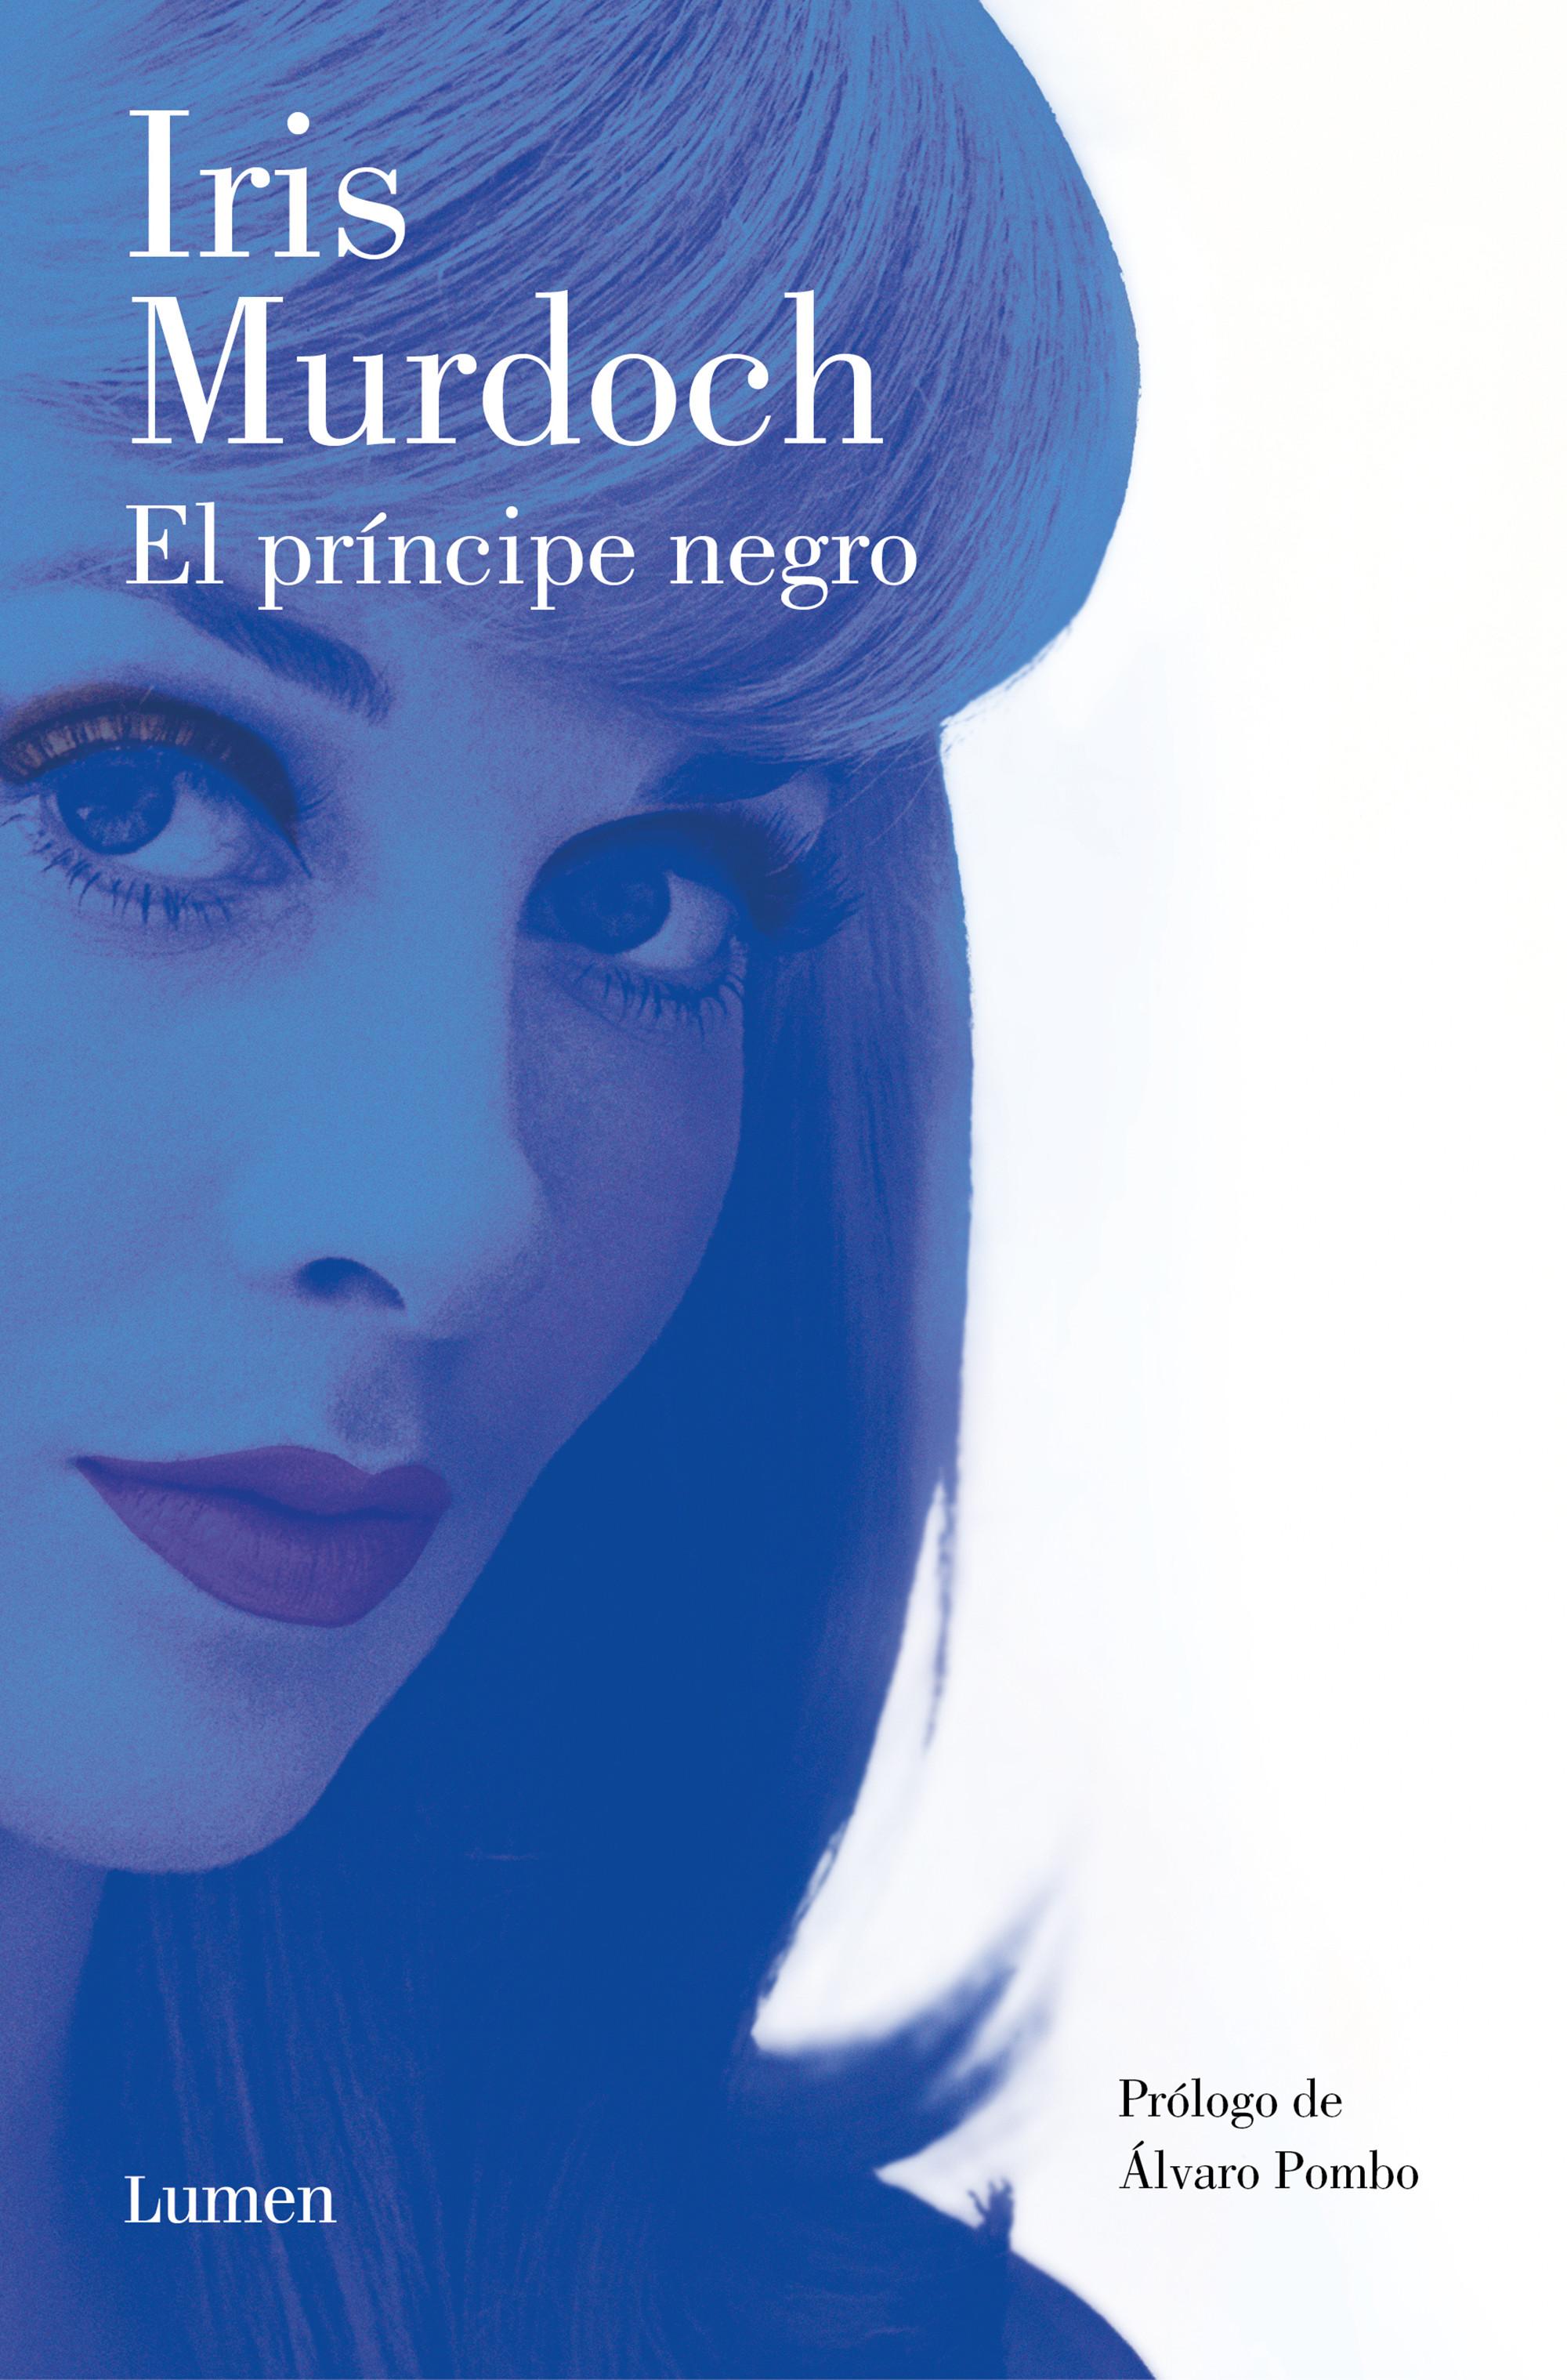 El príncipe negro